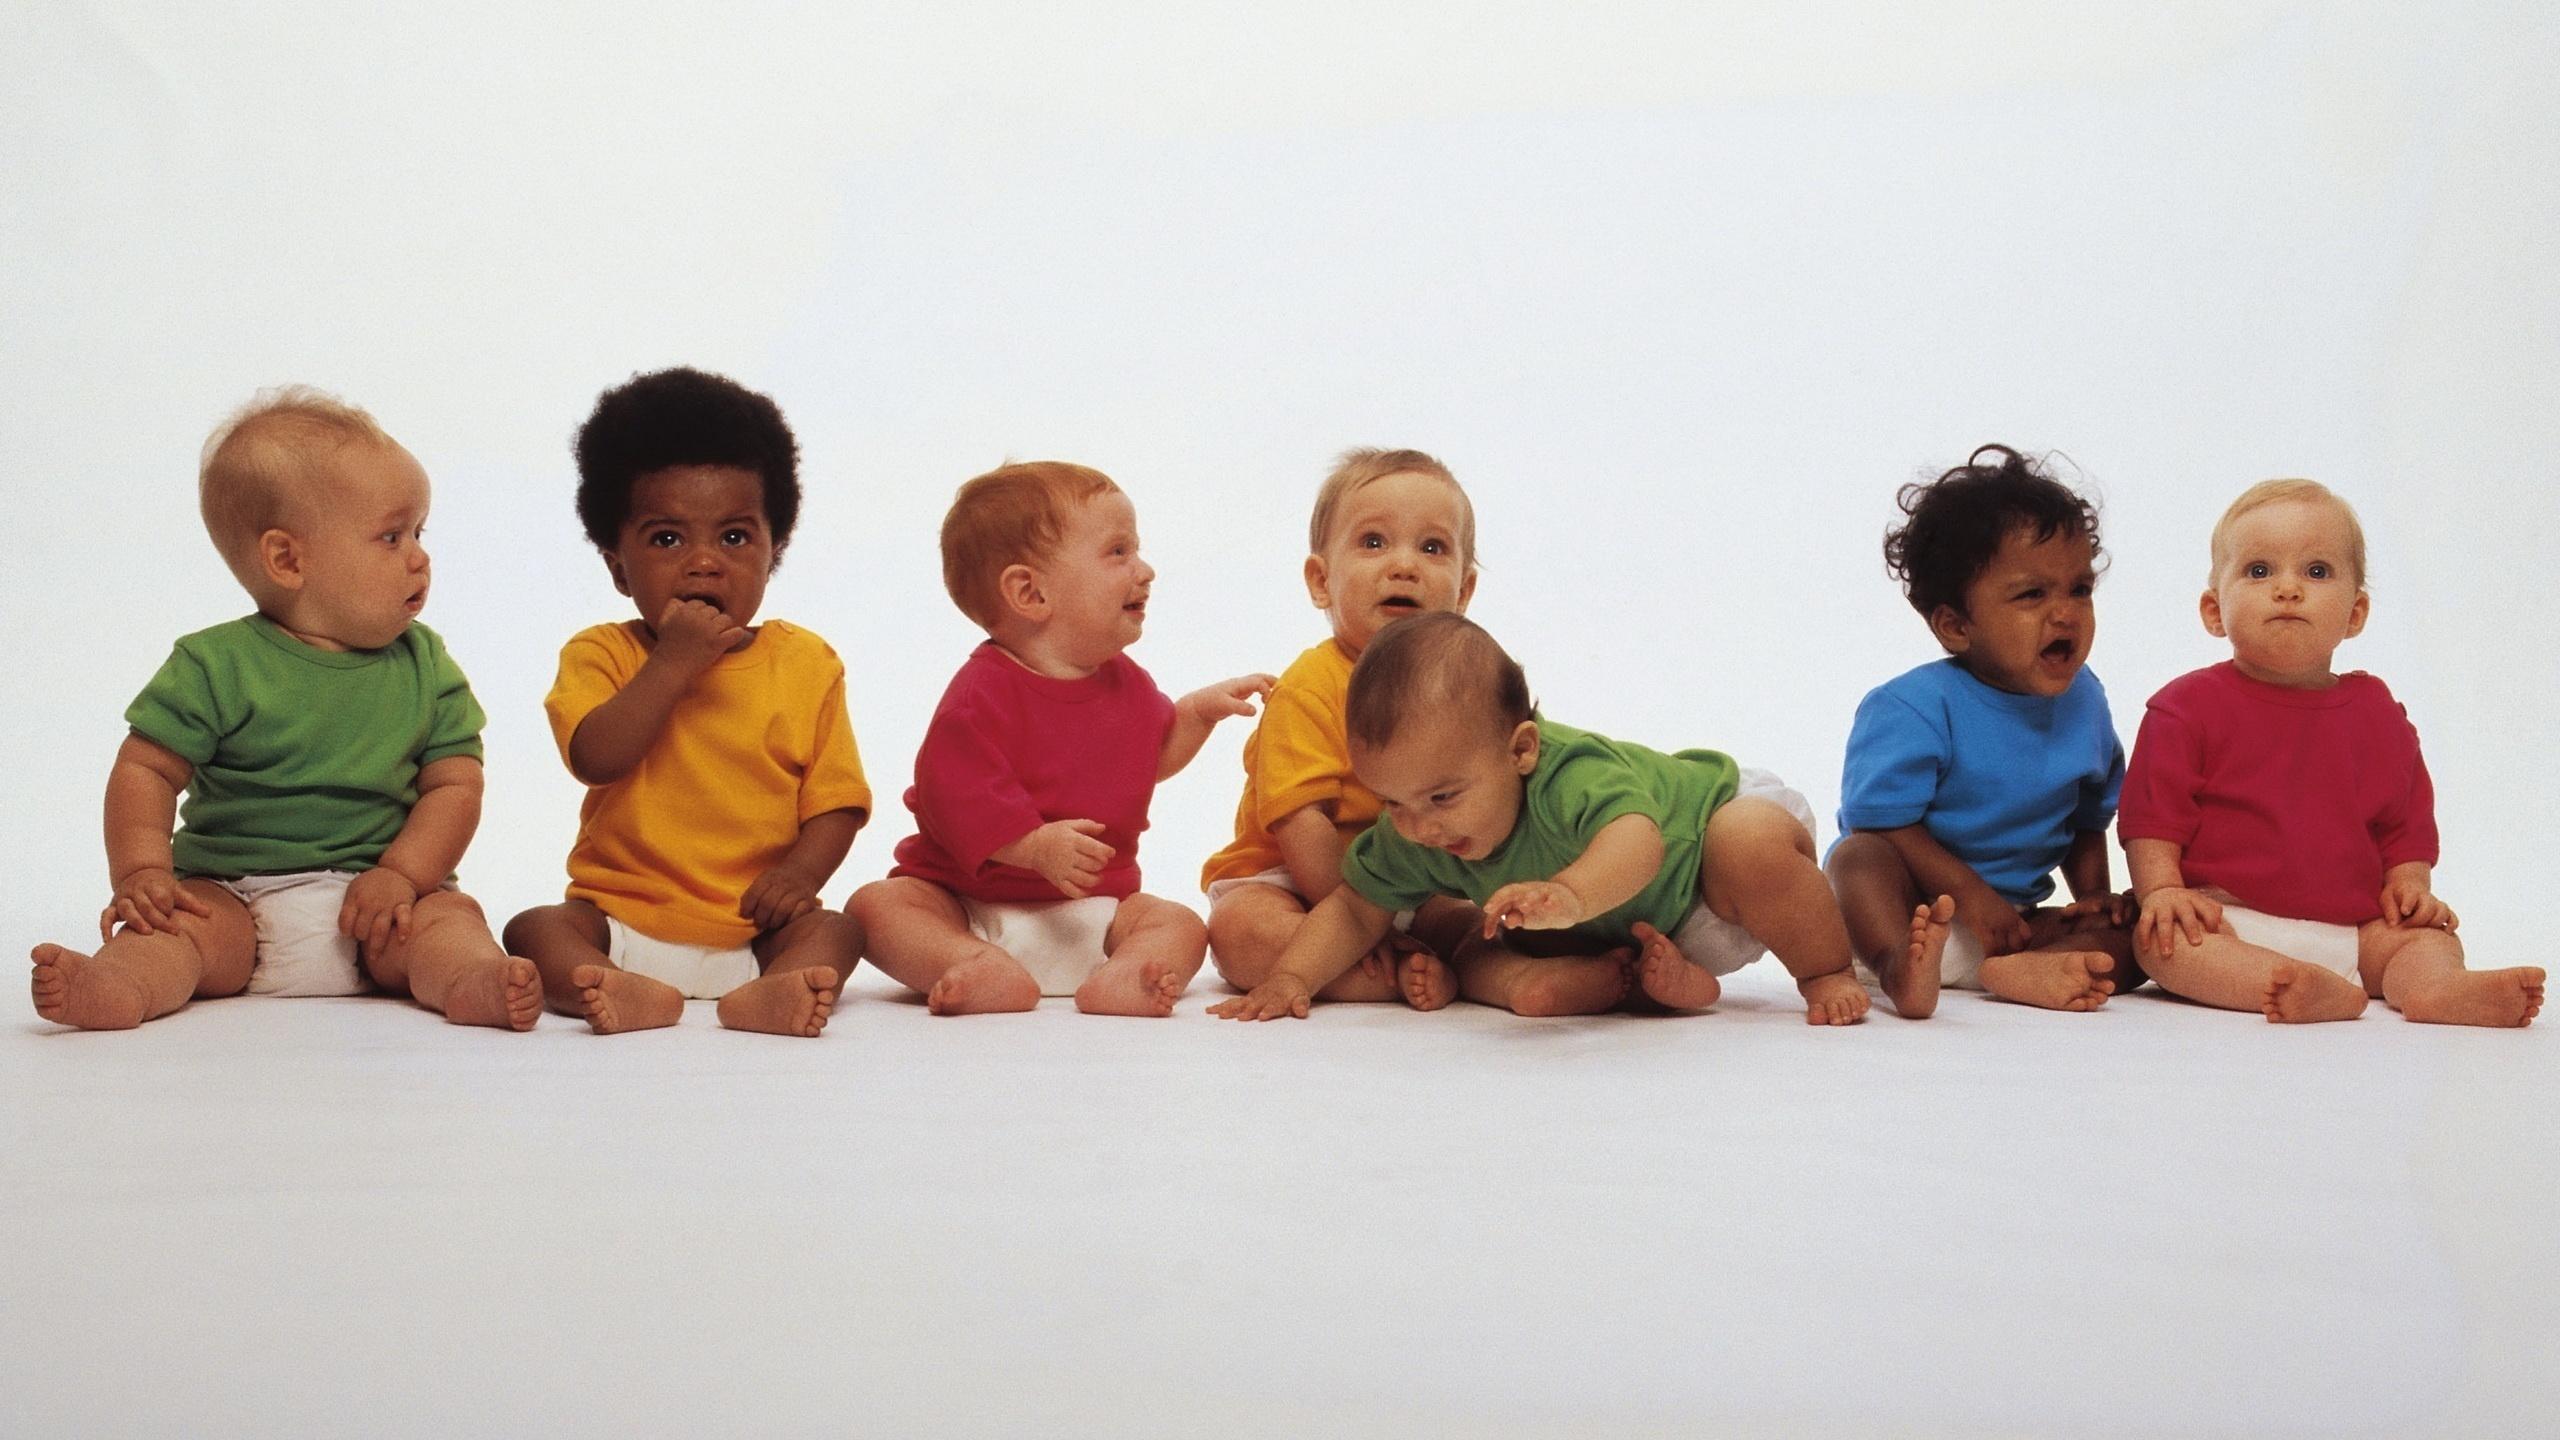 3 причины, из-за которых окружающие плохо относятся к многодетным семьям